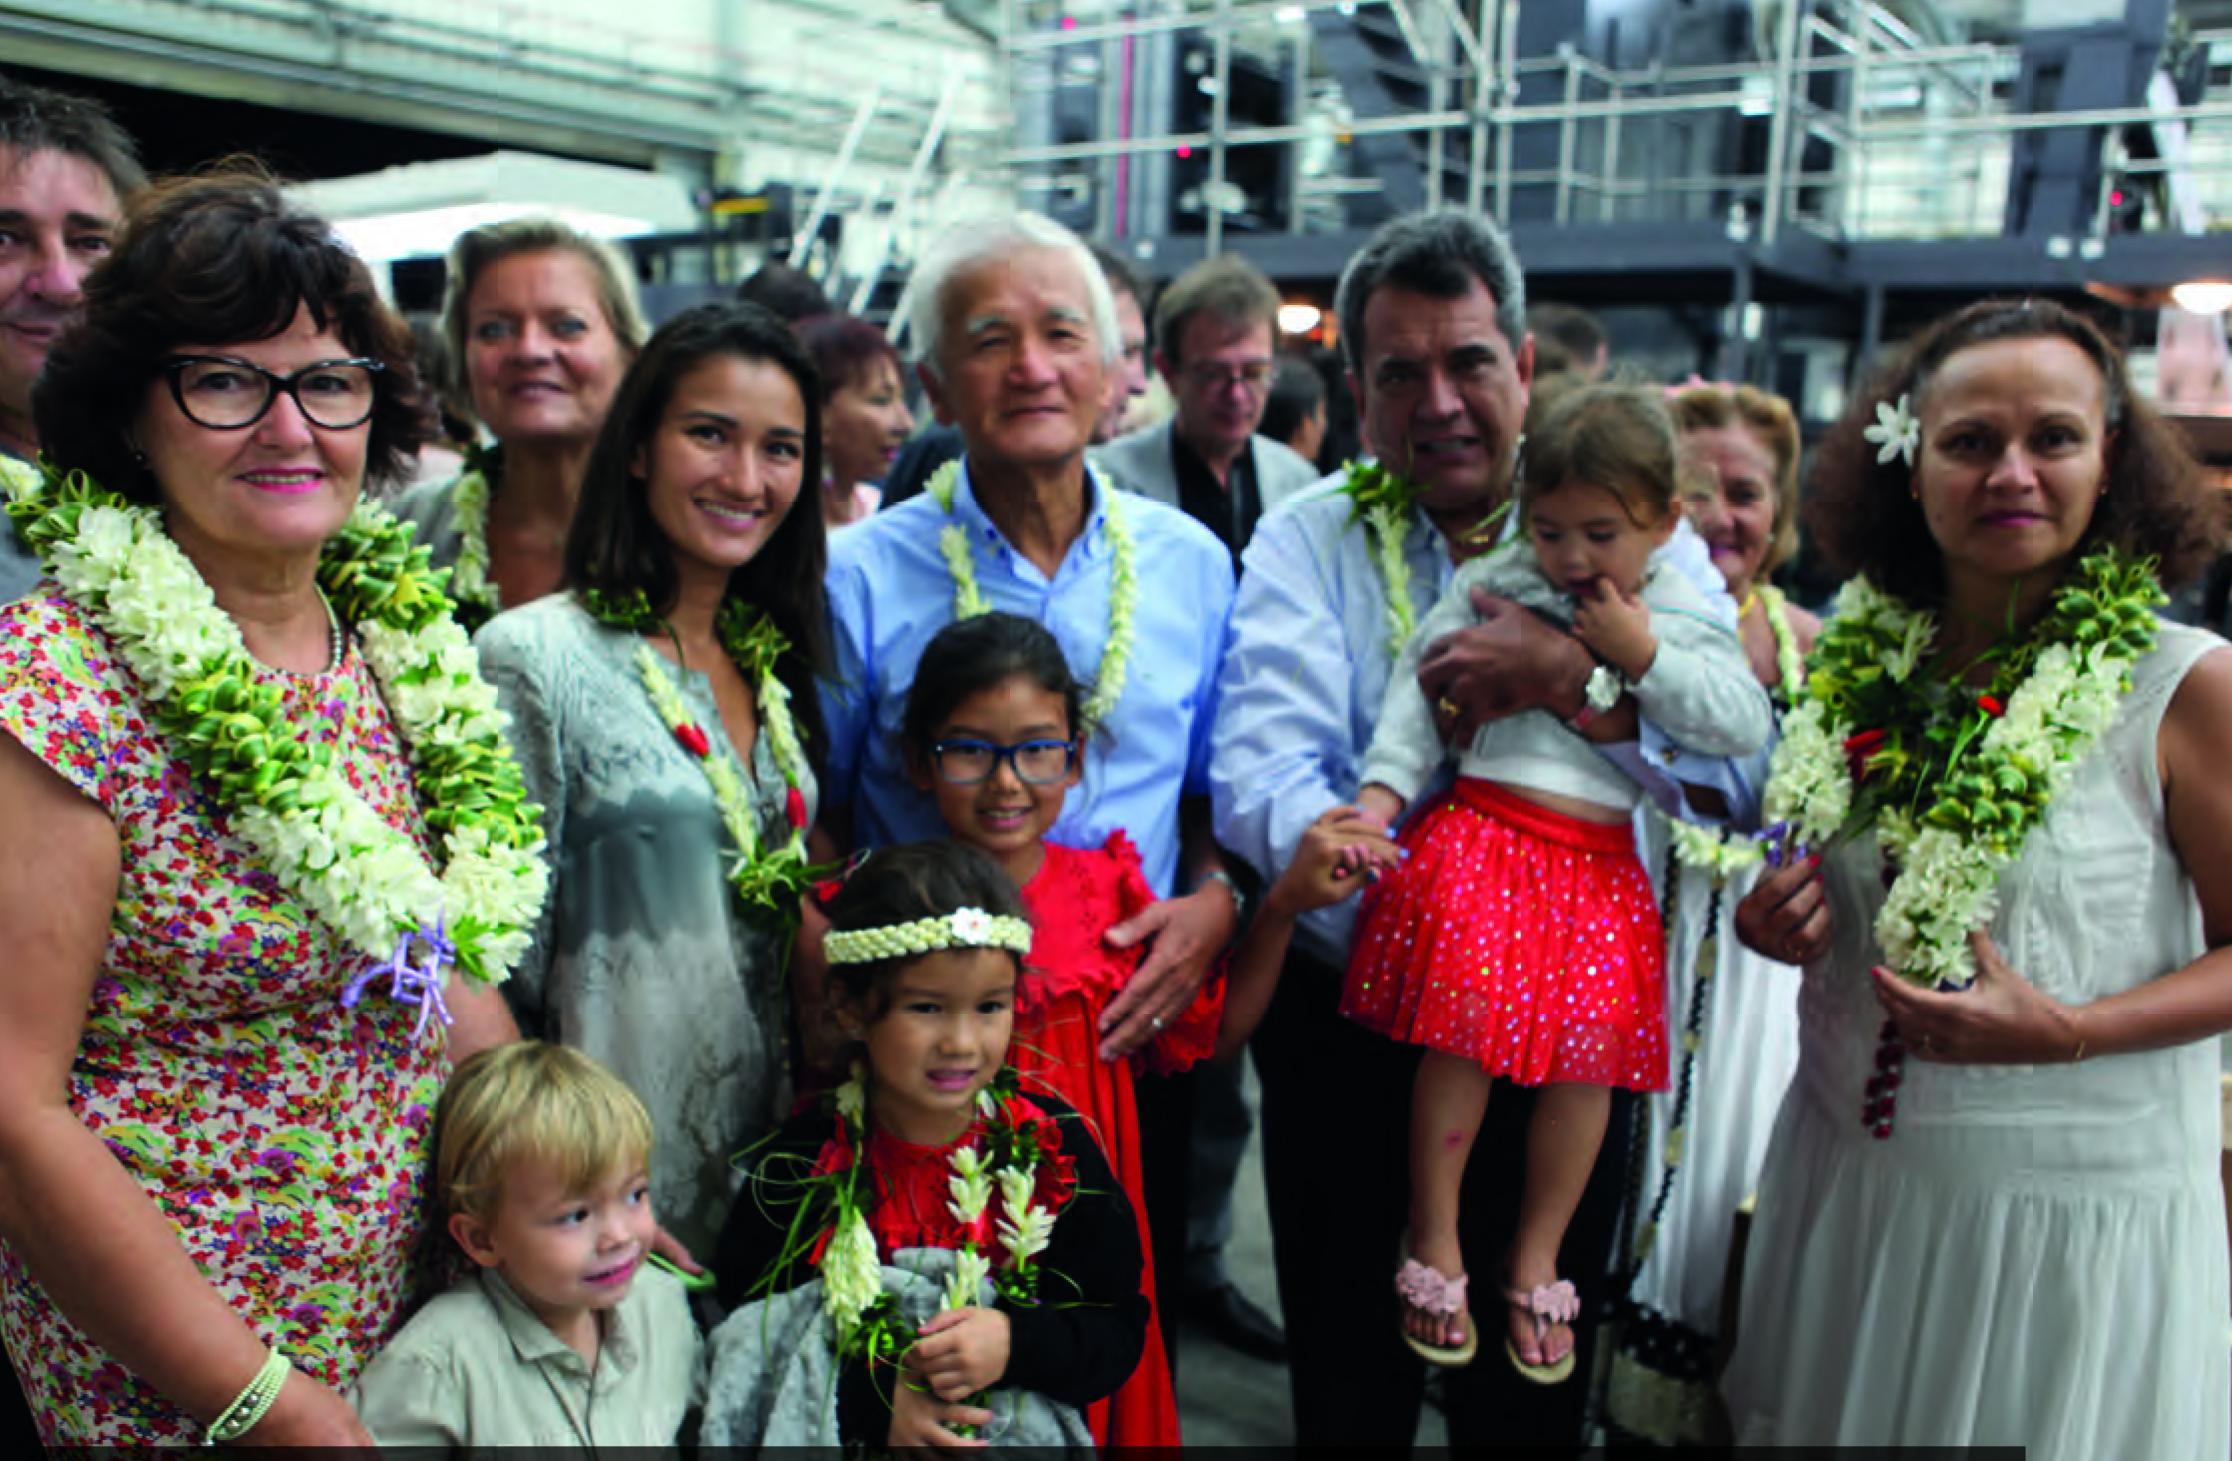 La rotative produit quotidiennement le journal Tahiti Infos à raison de 16 000 exemplaires. Mais aussi le magazine télé Fenua TV de 56 pages par semaine, l'hebdomadaire d'informations Tahiti Pacifique et le mensuel féminin Hine.